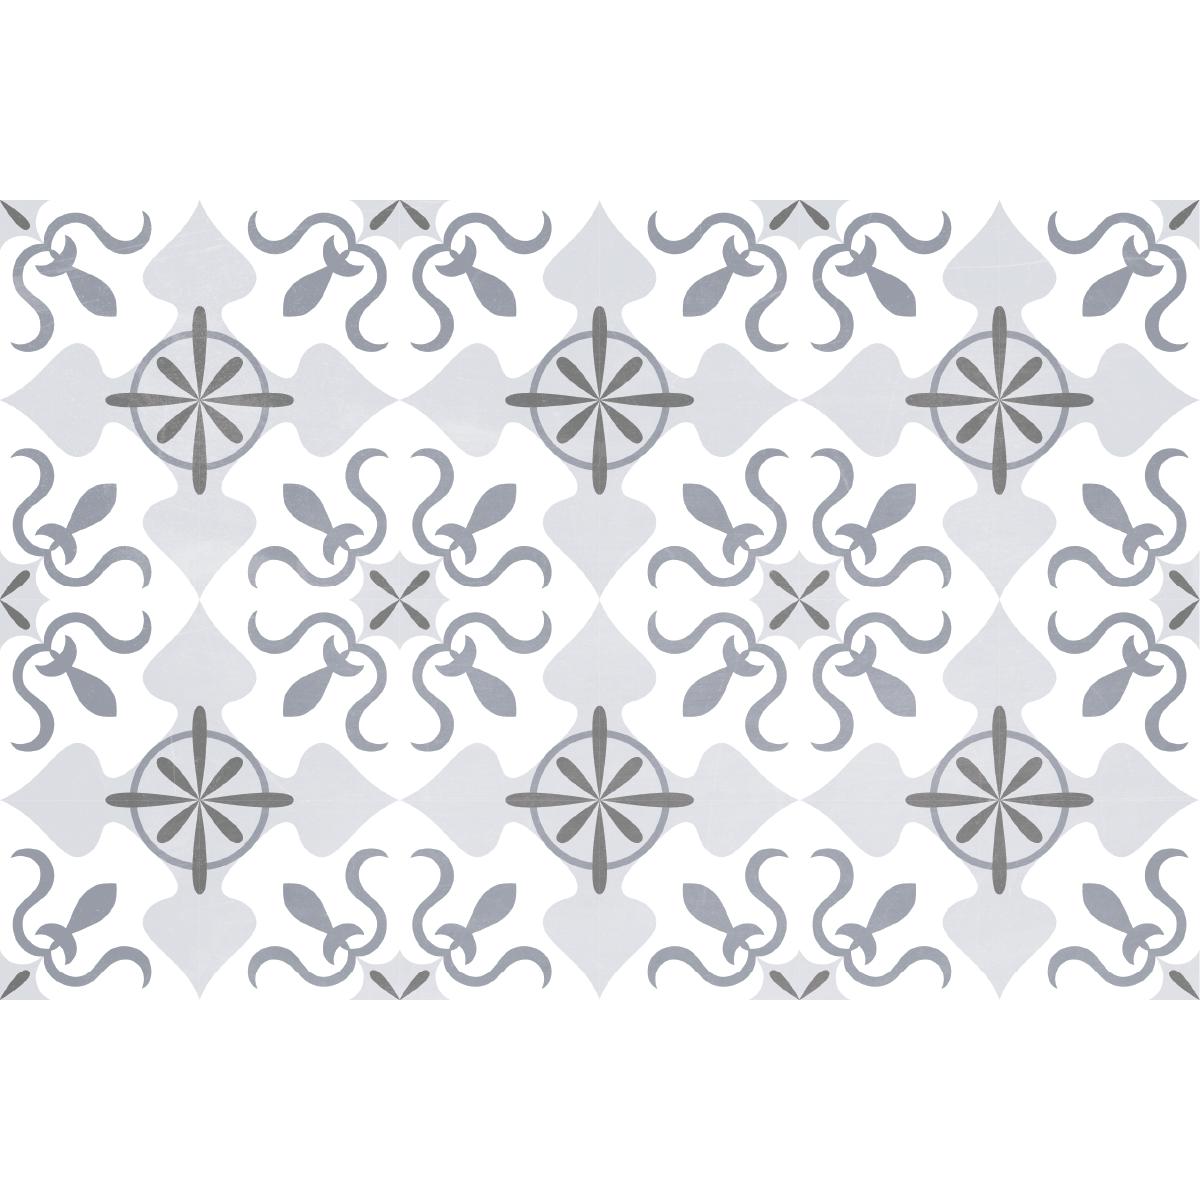 stickers carreaux de ciment sol spartaco anti d rapant. Black Bedroom Furniture Sets. Home Design Ideas